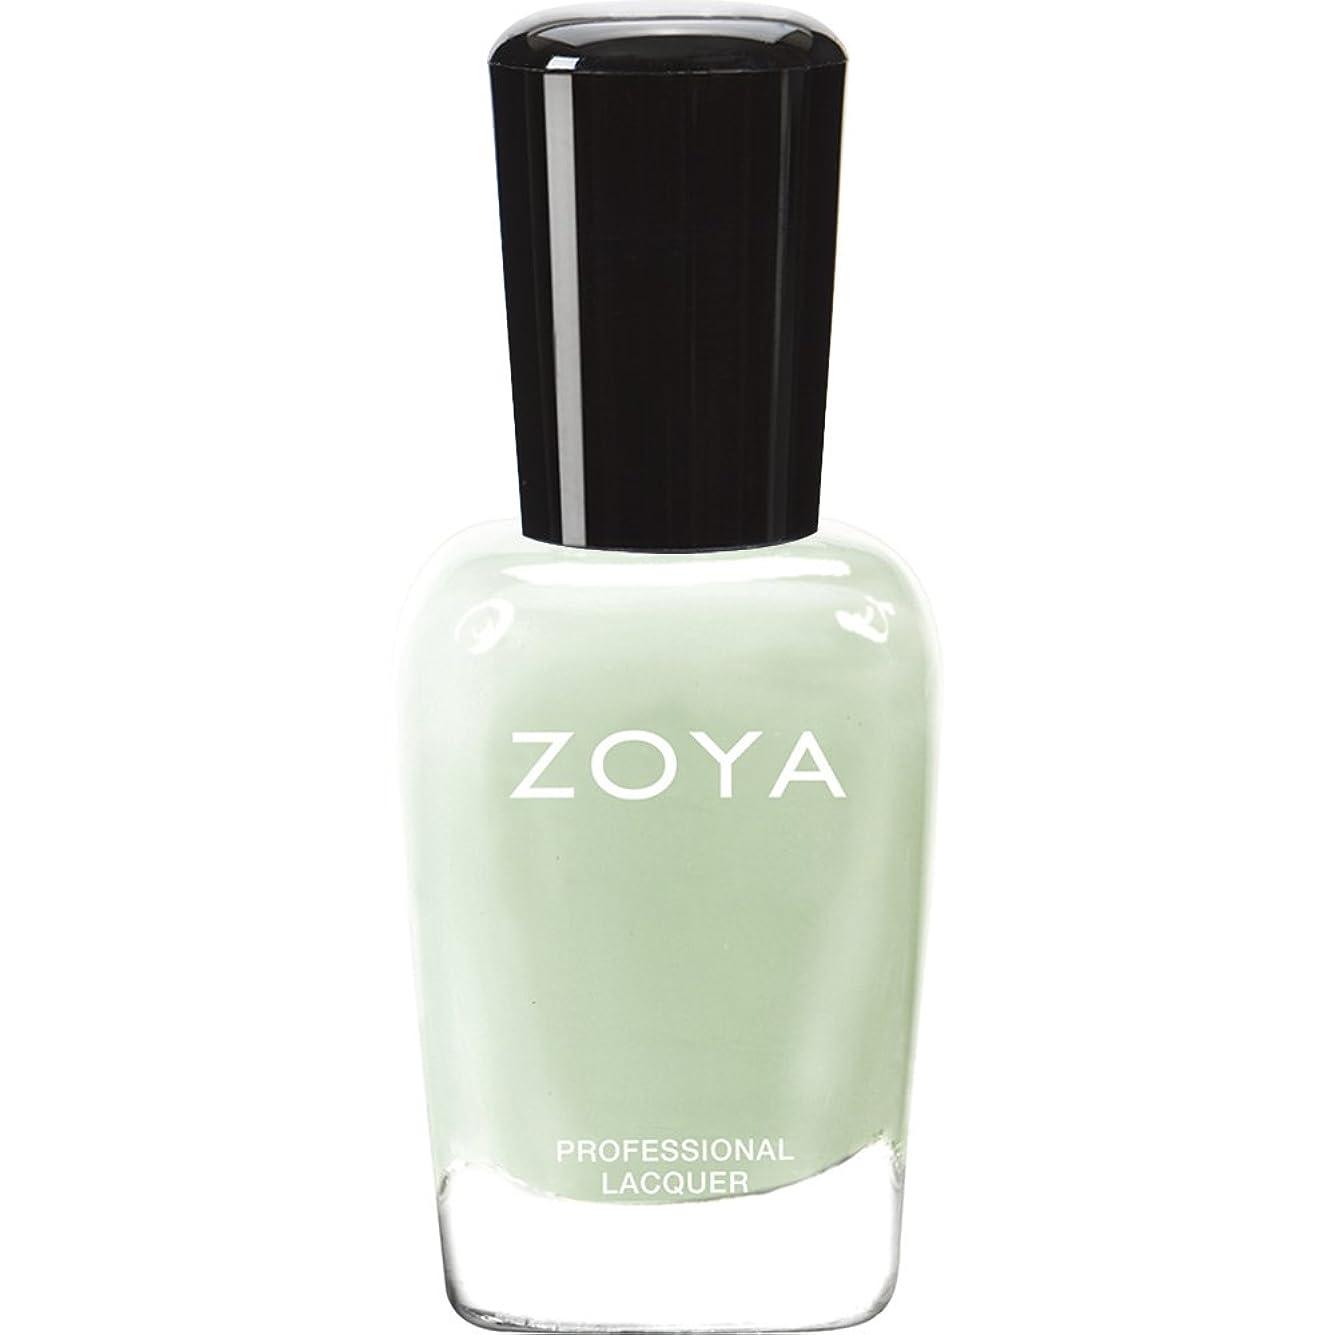 増加する損失お手伝いさんZOYA ゾーヤ ネイルカラー ZP655 NEELY ニーリィ 15ml  2012 LOVELY COLLECTION 淡いパステルグリーン マット 爪にやさしいネイルラッカーマニキュア